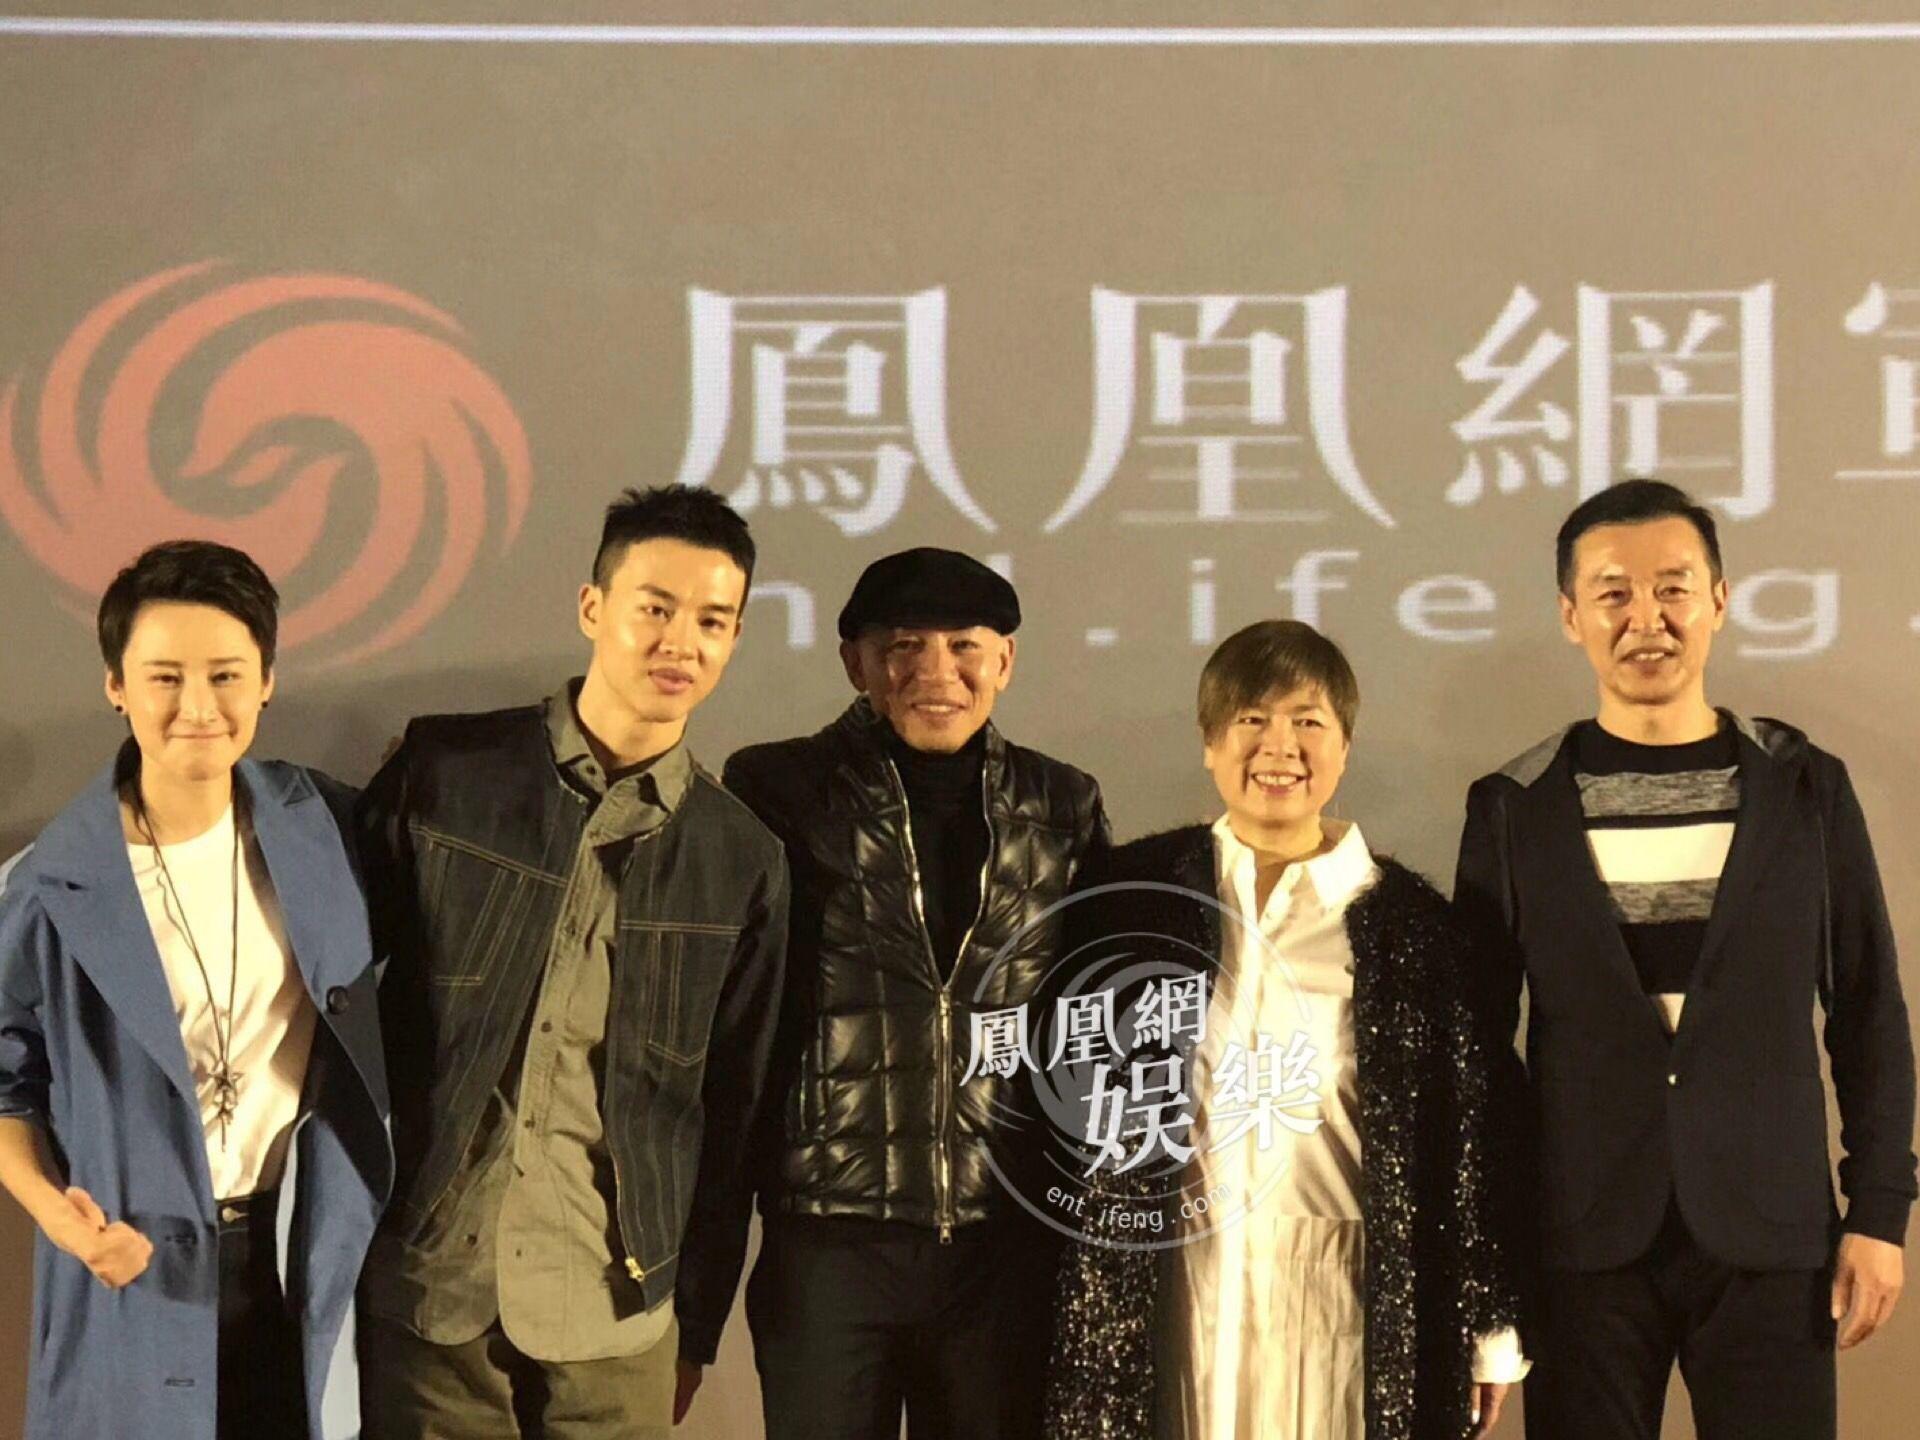 """《红海行动》震撼首映 """"疯子""""导演林超贤亲试炸点"""